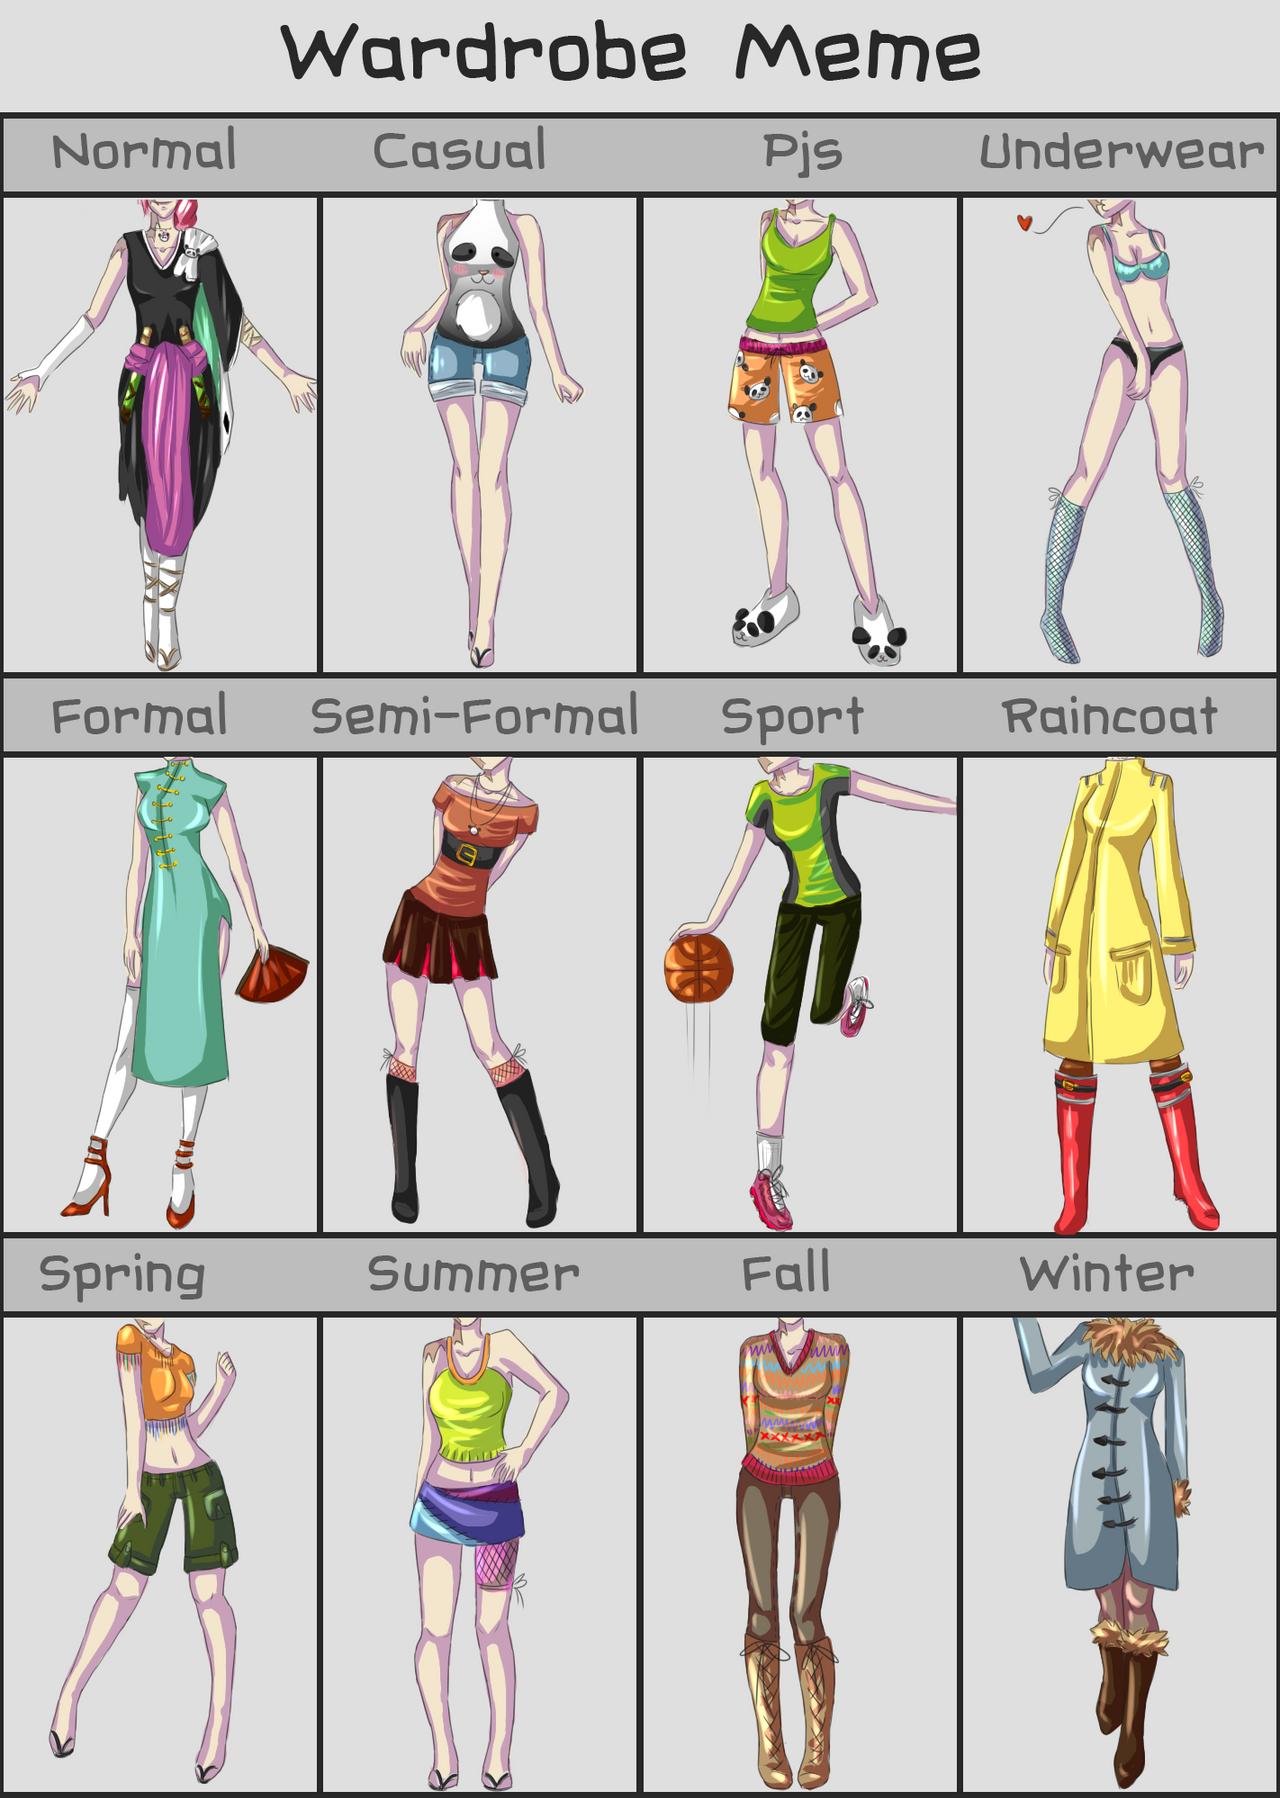 Wardrobe meme: Hanako by Varjopihlaja